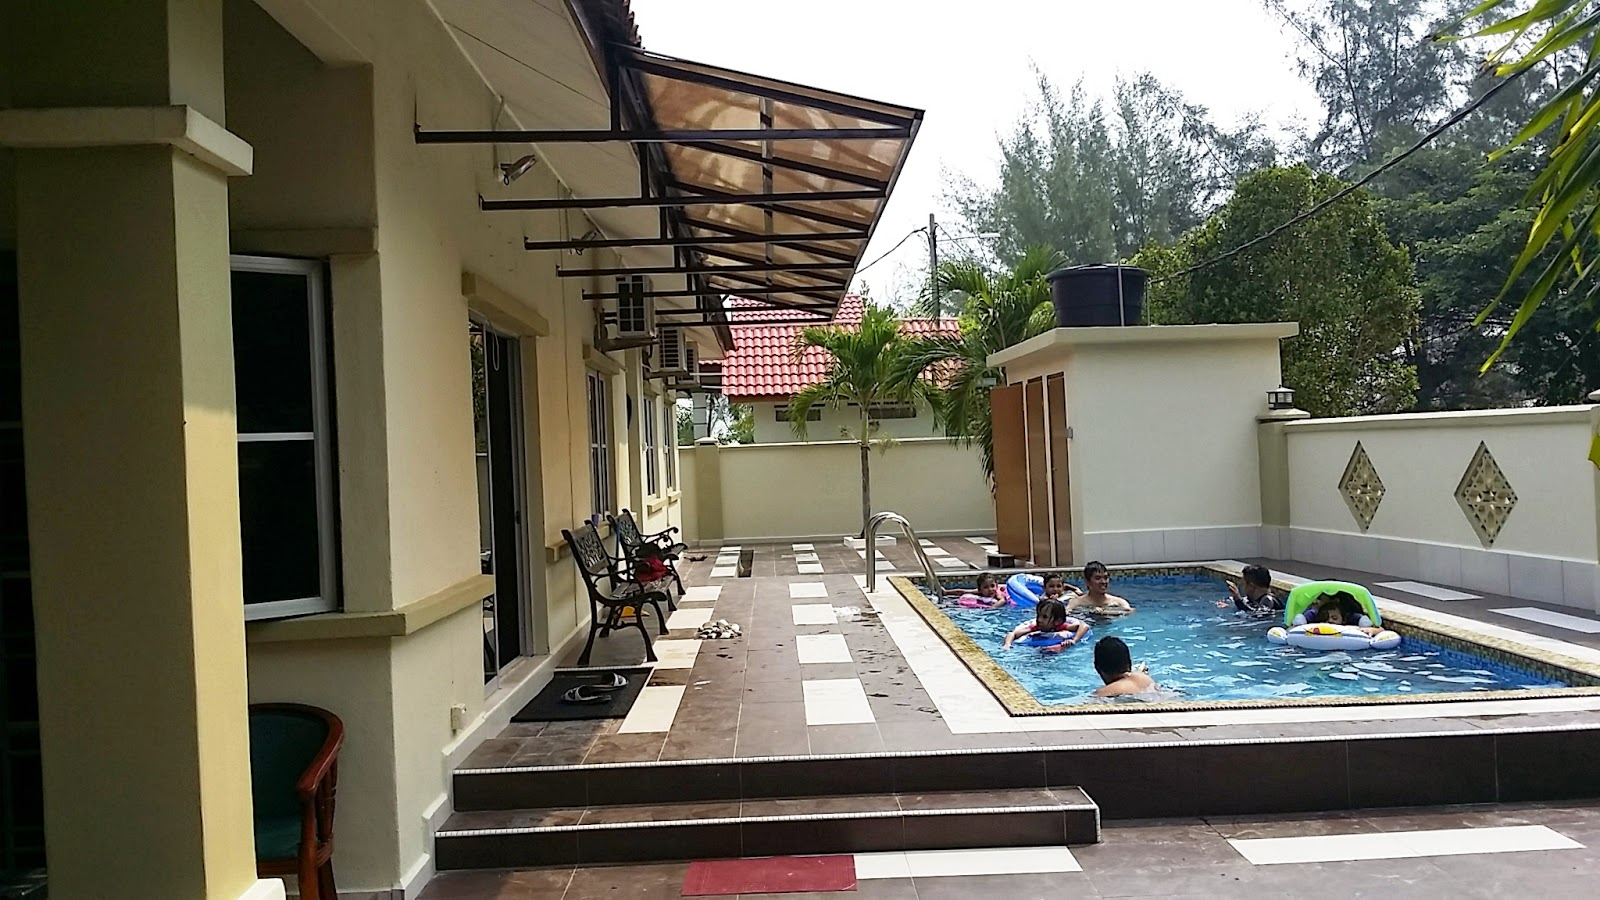 SuRi Homestay Crystal Bay Melaka Penginapan Lengkap Dan Selesa Sesuai Untuk Percutian Keluarga Atau Sebagai Tempat Persinggahan Sementara Di